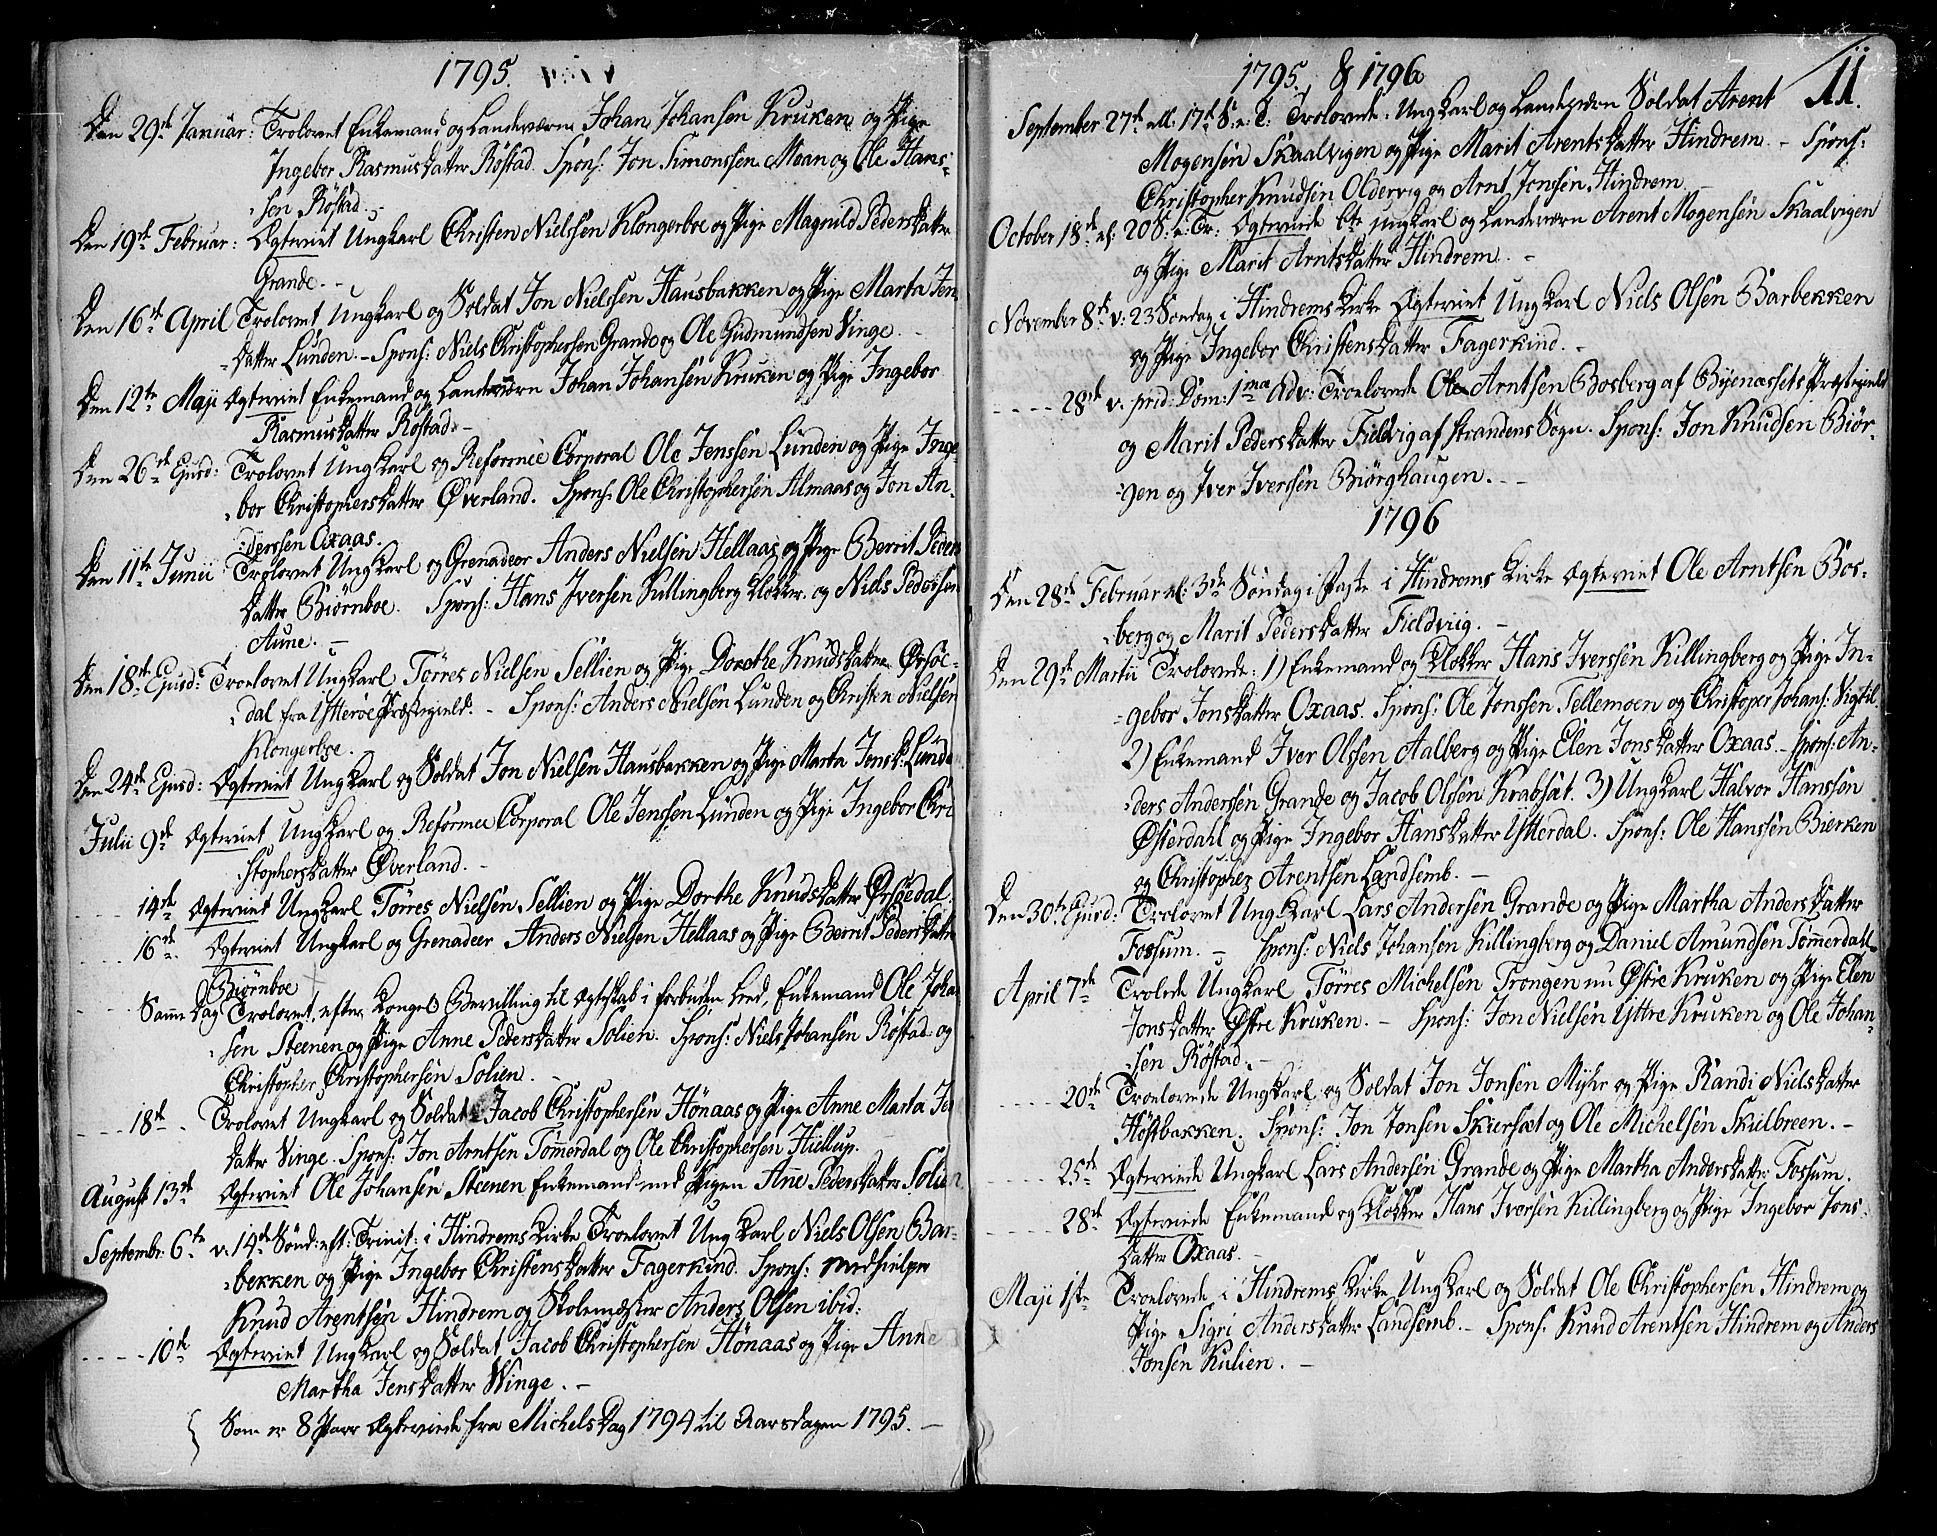 SAT, Ministerialprotokoller, klokkerbøker og fødselsregistre - Nord-Trøndelag, 701/L0004: Ministerialbok nr. 701A04, 1783-1816, s. 11